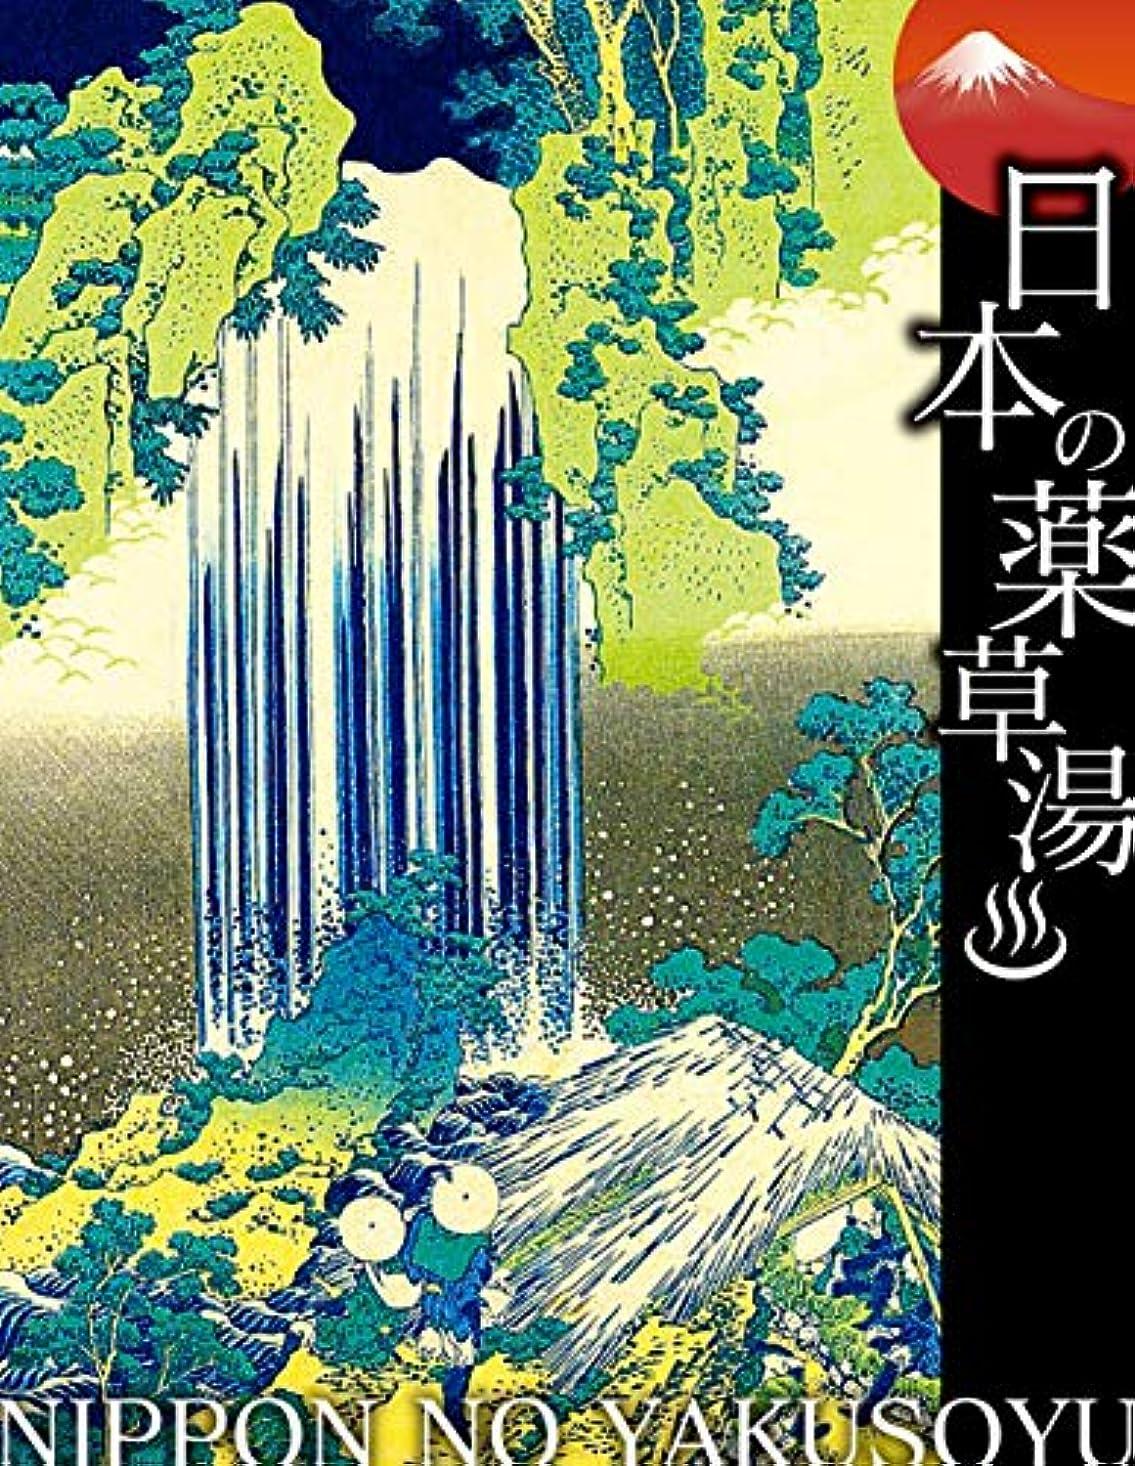 告白宿題寄付する日本の薬草湯 美濃ノ国養老の瀧(諸国瀧廻り)